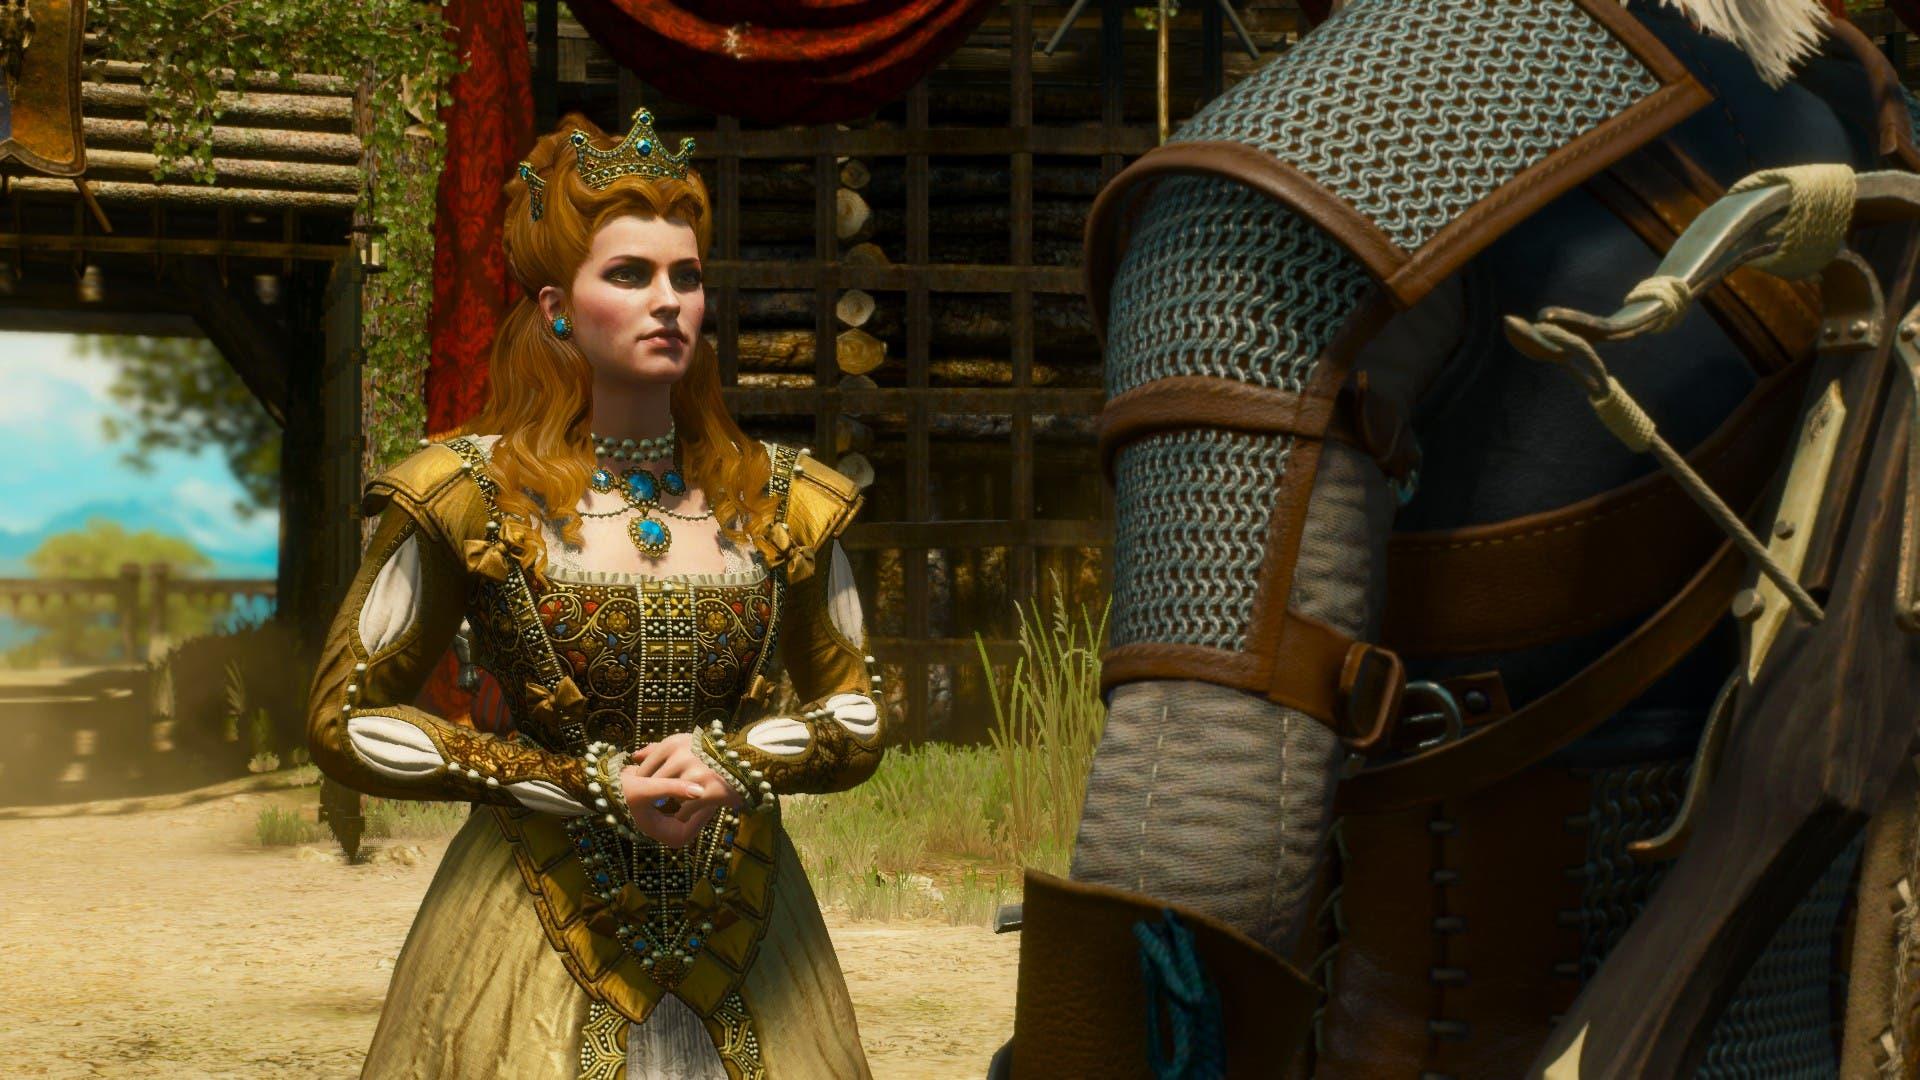 La duquesa de Toussaint, su gracia